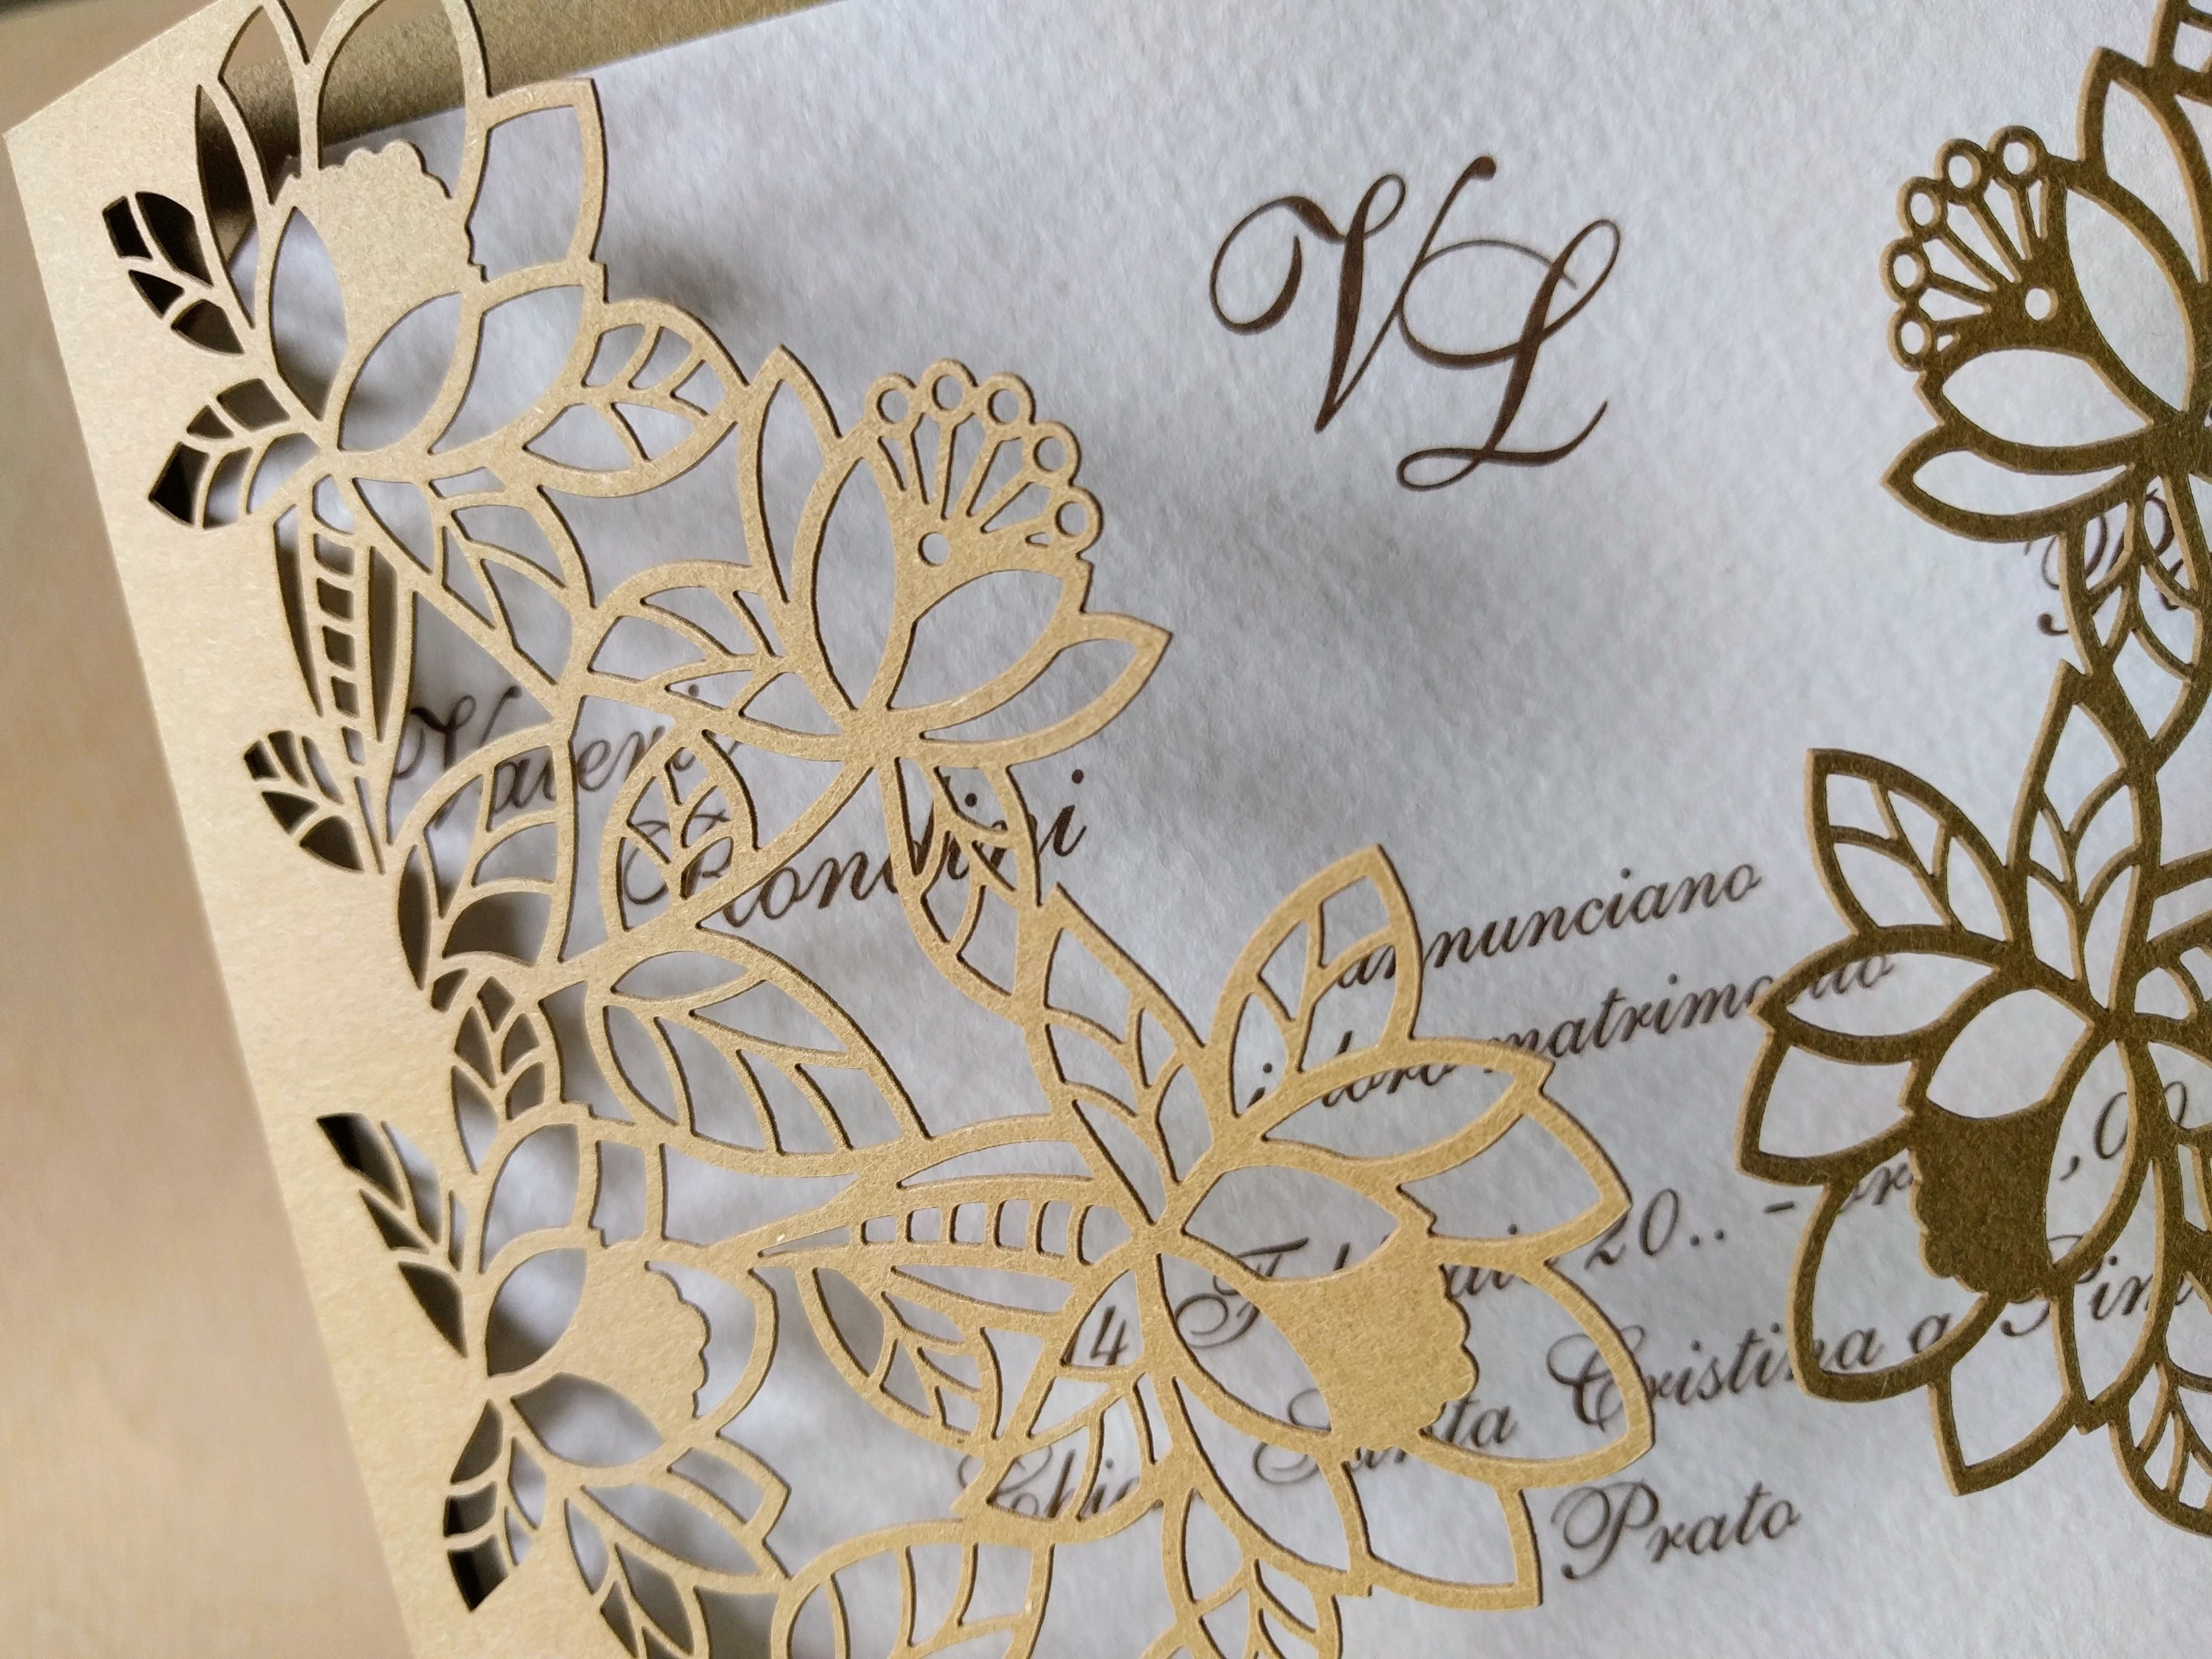 Partecipazioni Matrimonio On Line Gratis.Pin Su Partecipazioni Di Nozze